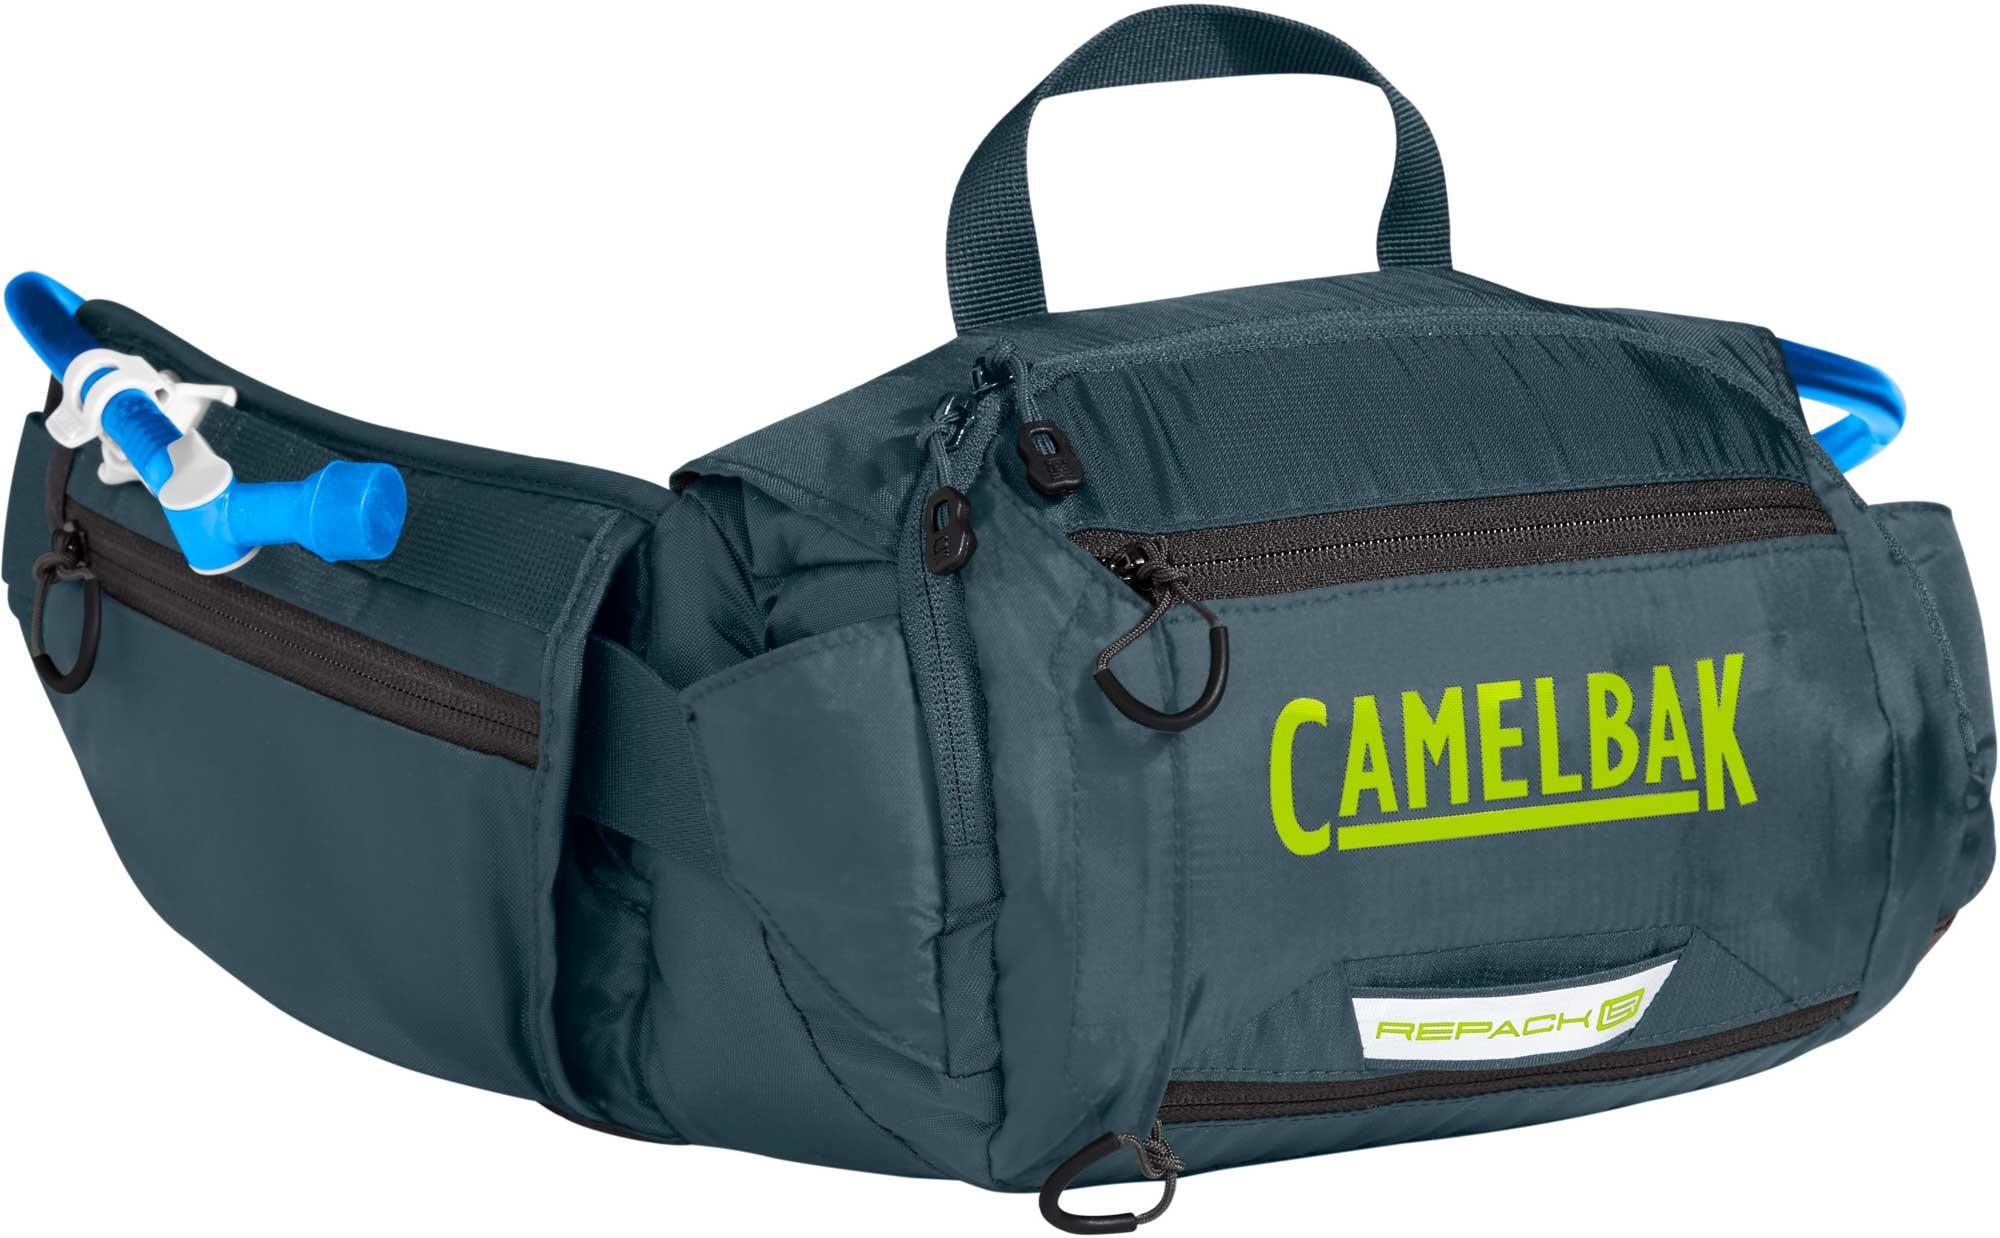 Camelbak Camelbak Repack LR 4 hip pack